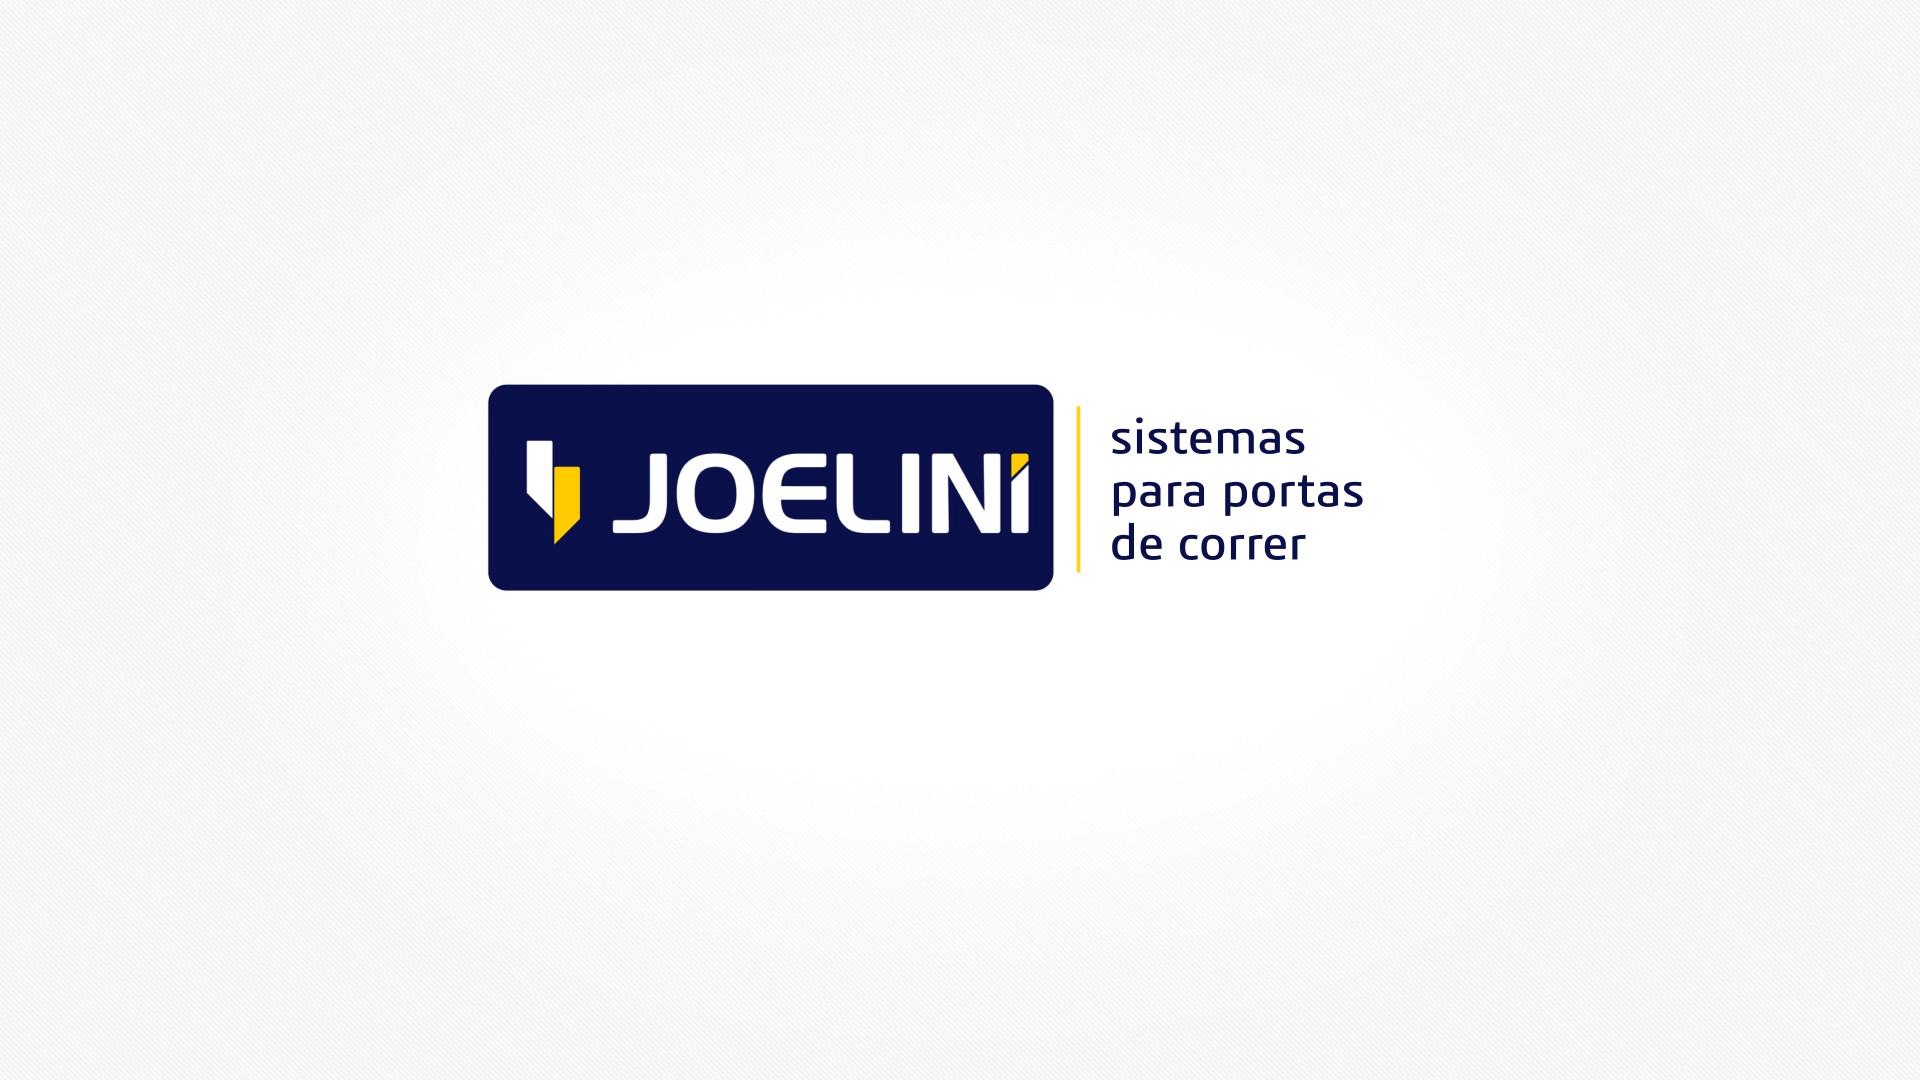 Joelini